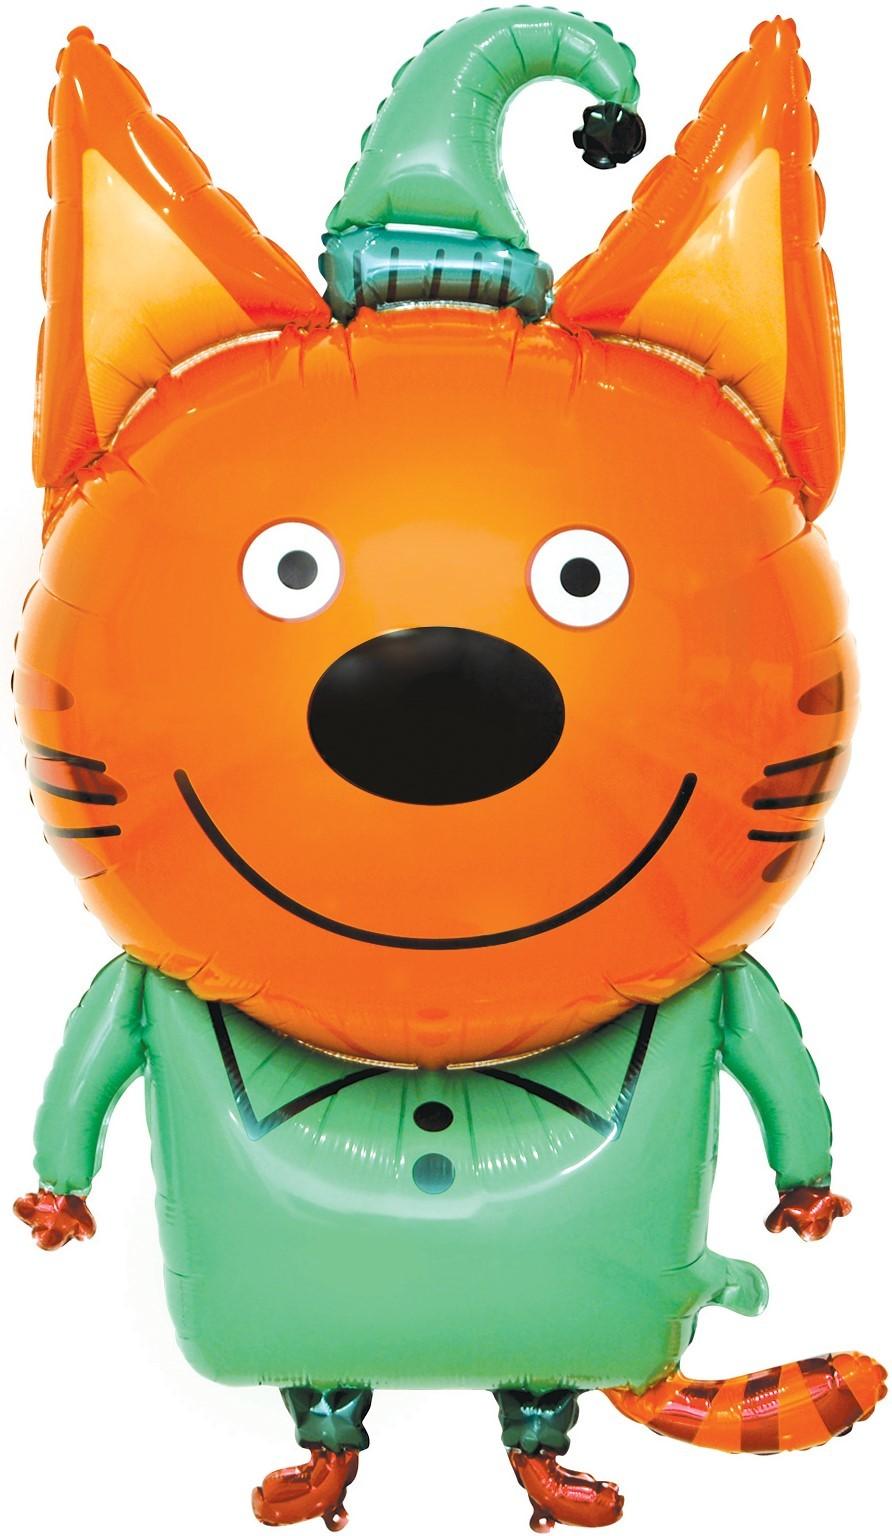 Фольгированный шар Фигура, Три Кота, Компот, 1 шт, 34х86 см